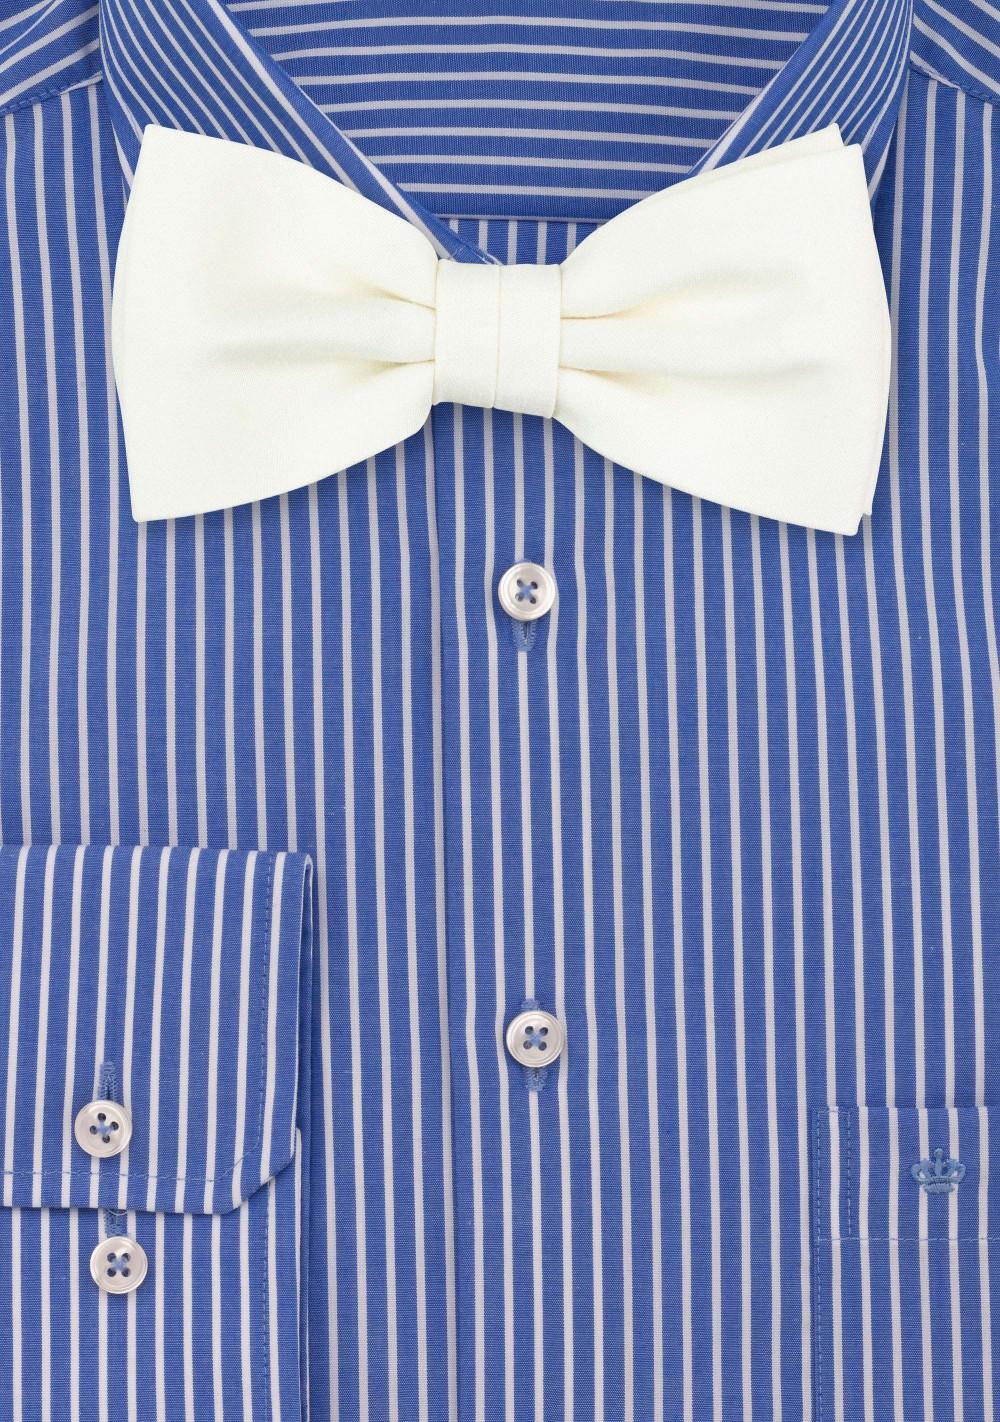 Blonde Bow Tie